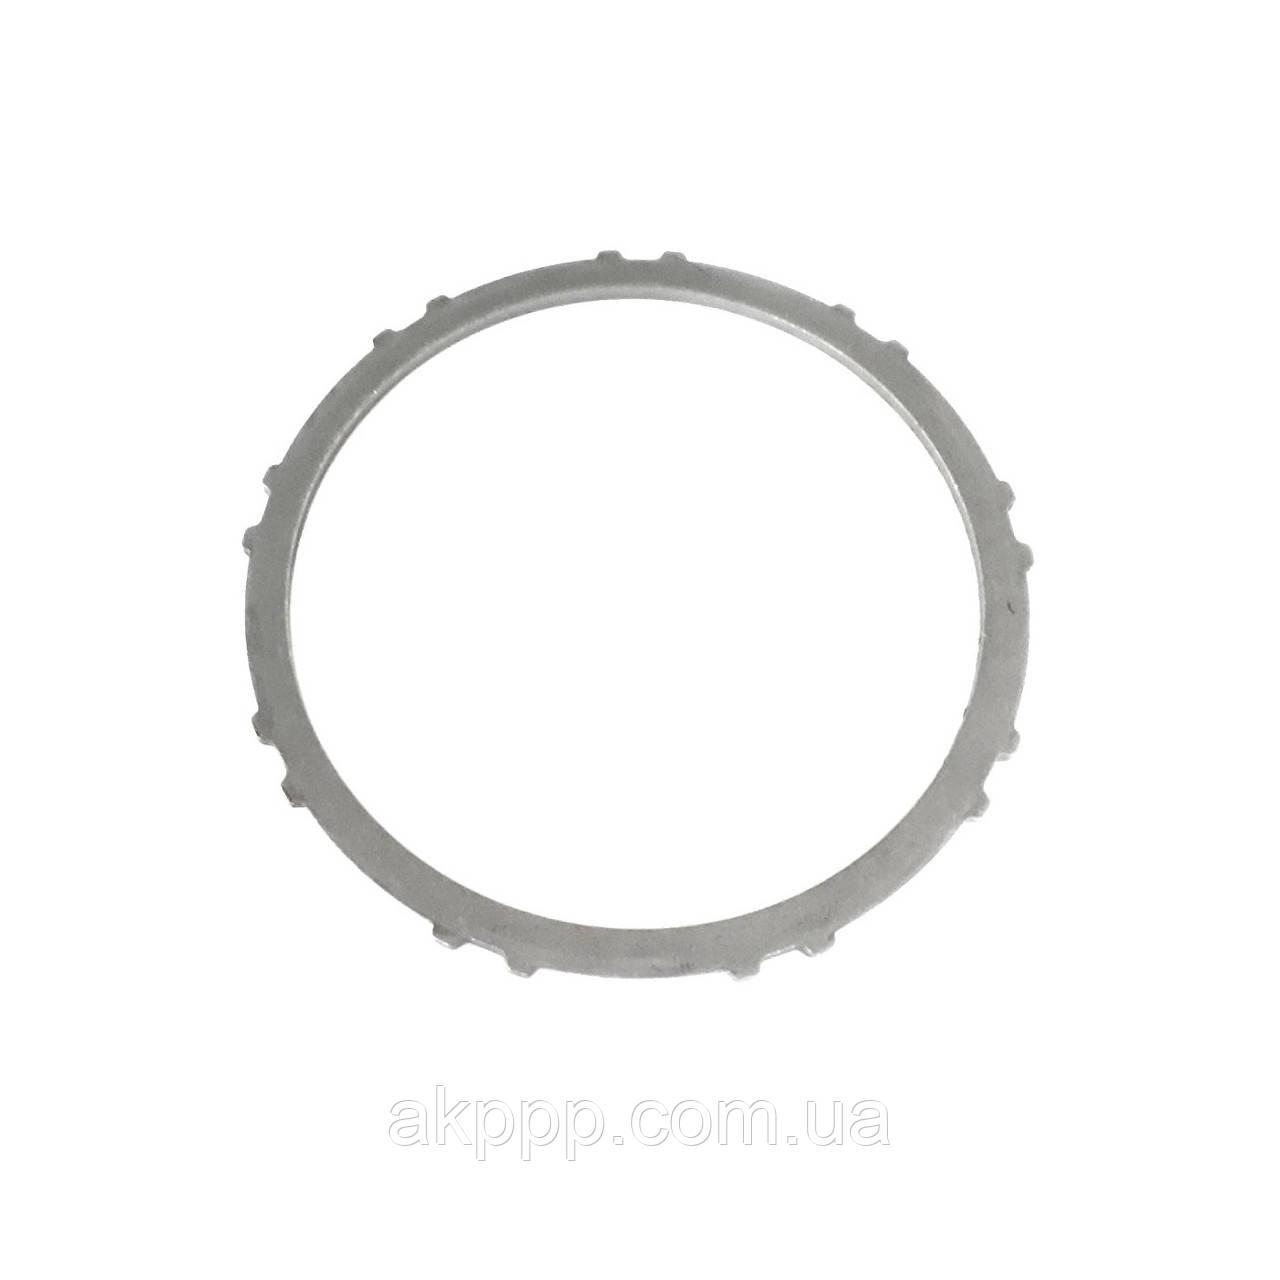 Упорный диск акпп 5L40E (18 зуб 5/155/174 мм) б/у